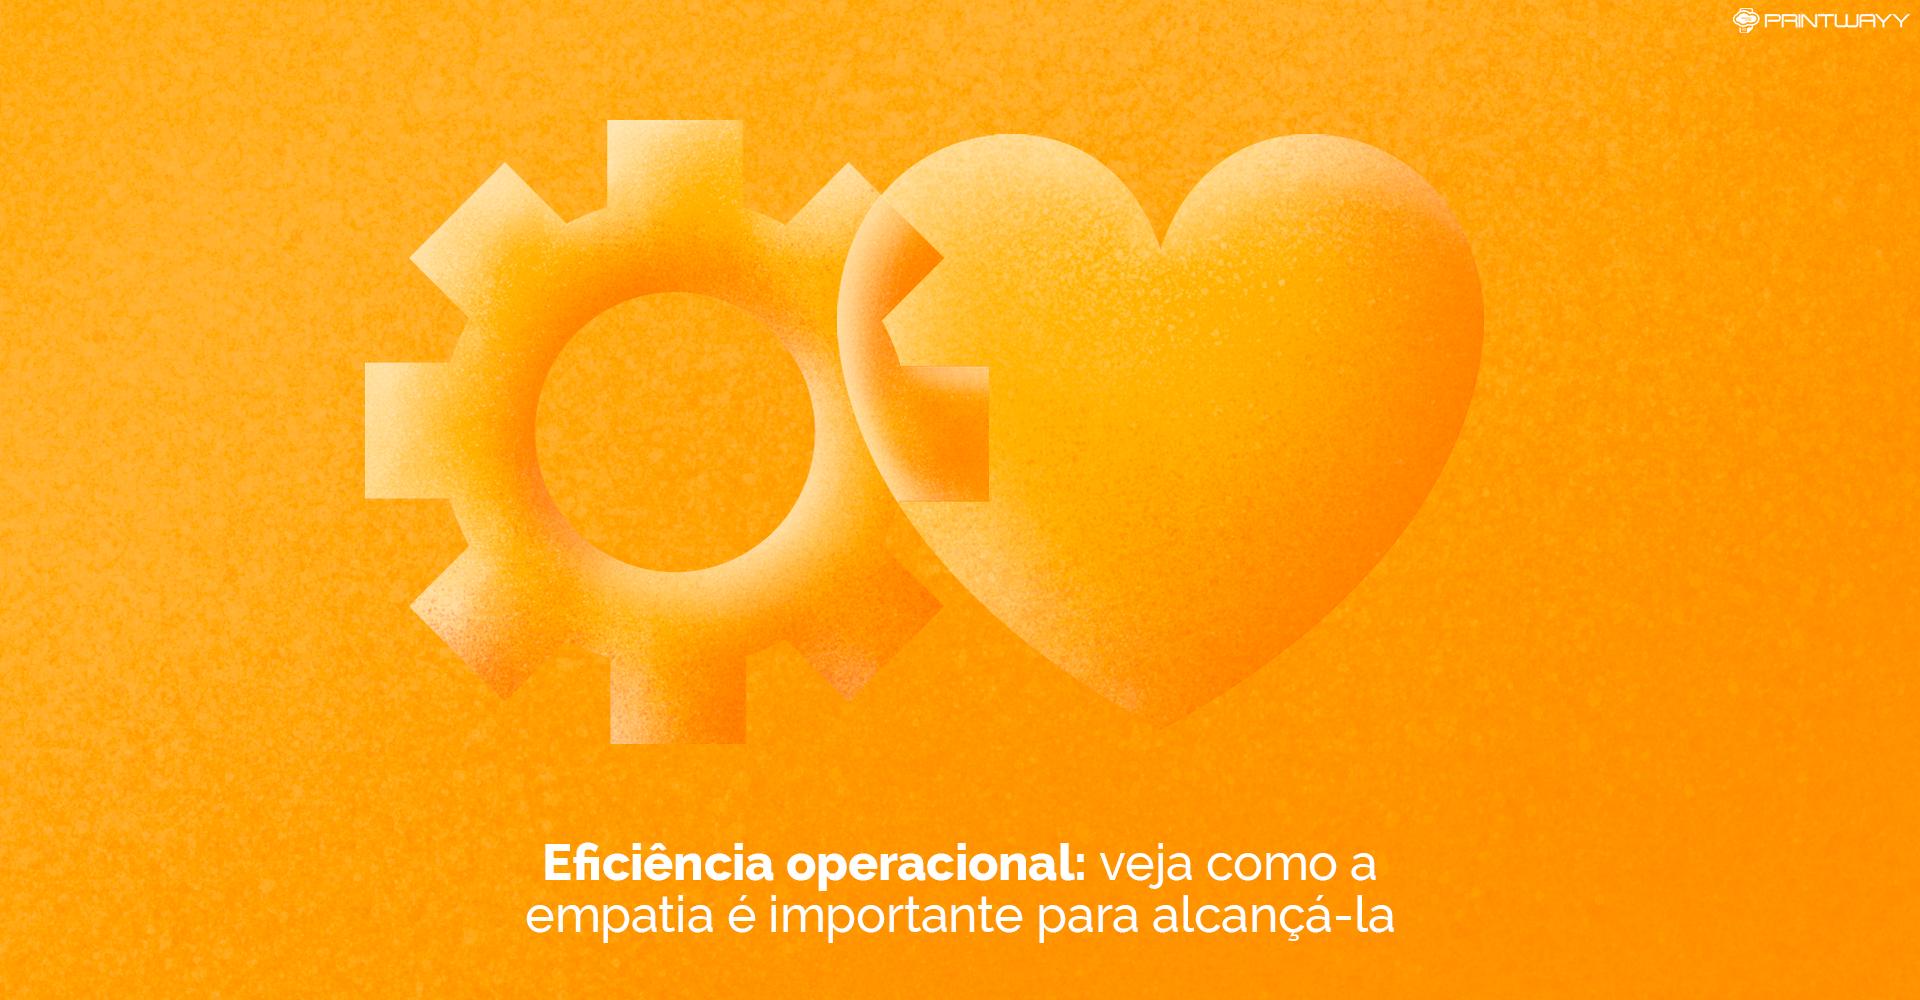 A imagem demonstra uma engrenagem e um coração atrelados, refletindo a relação da eficiência operacional com a empatia.